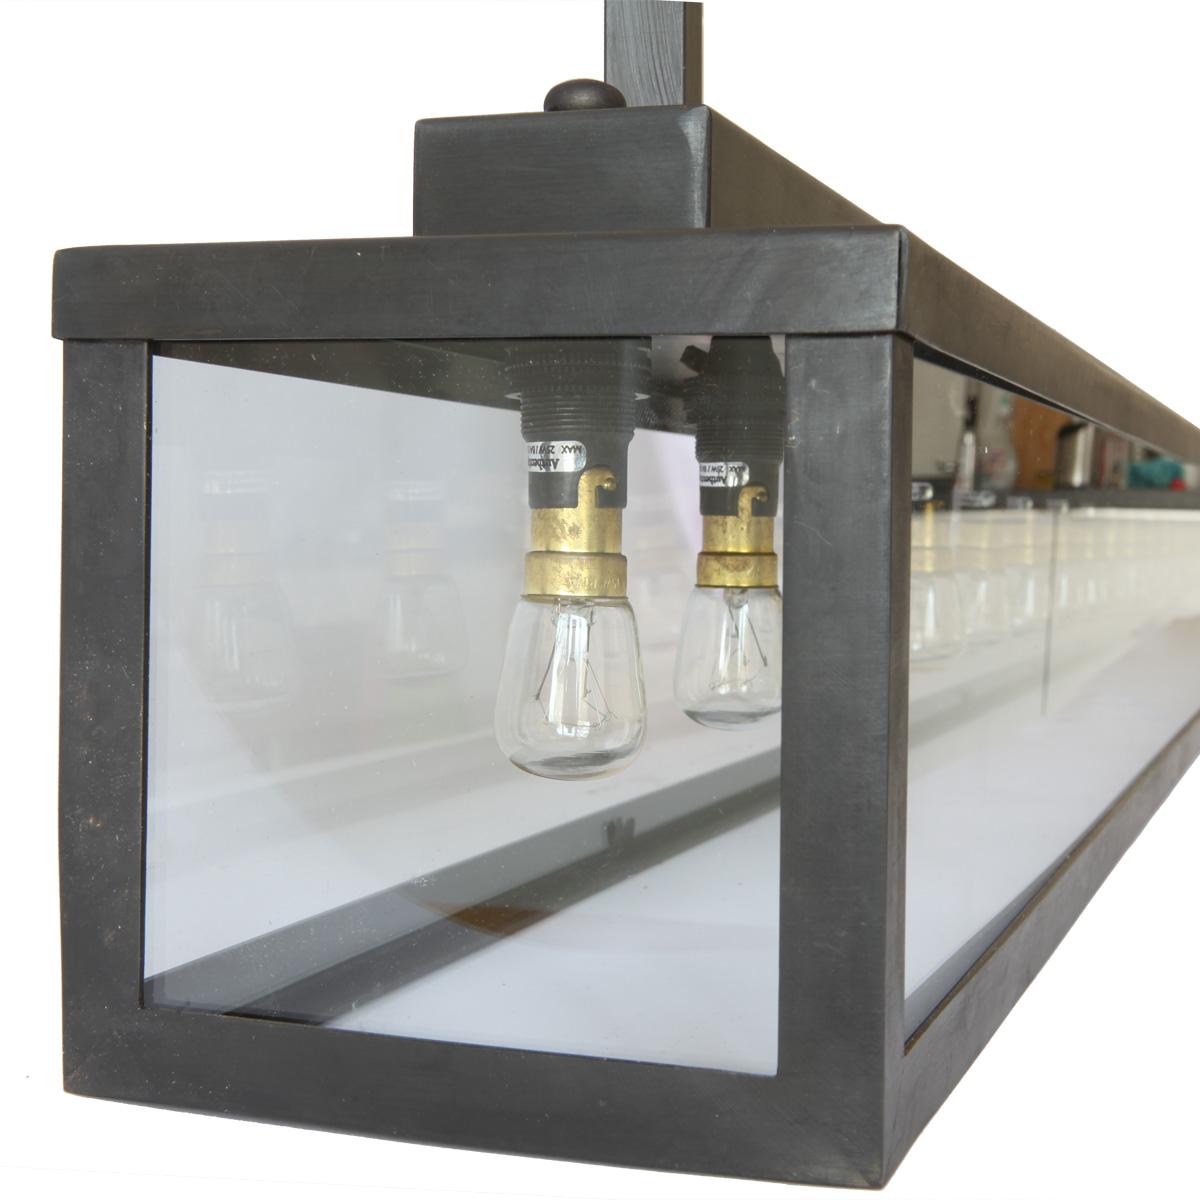 VITRINE 20L Kassetten-Hängeleuchte für Theken und Küchen - Casa Lumi